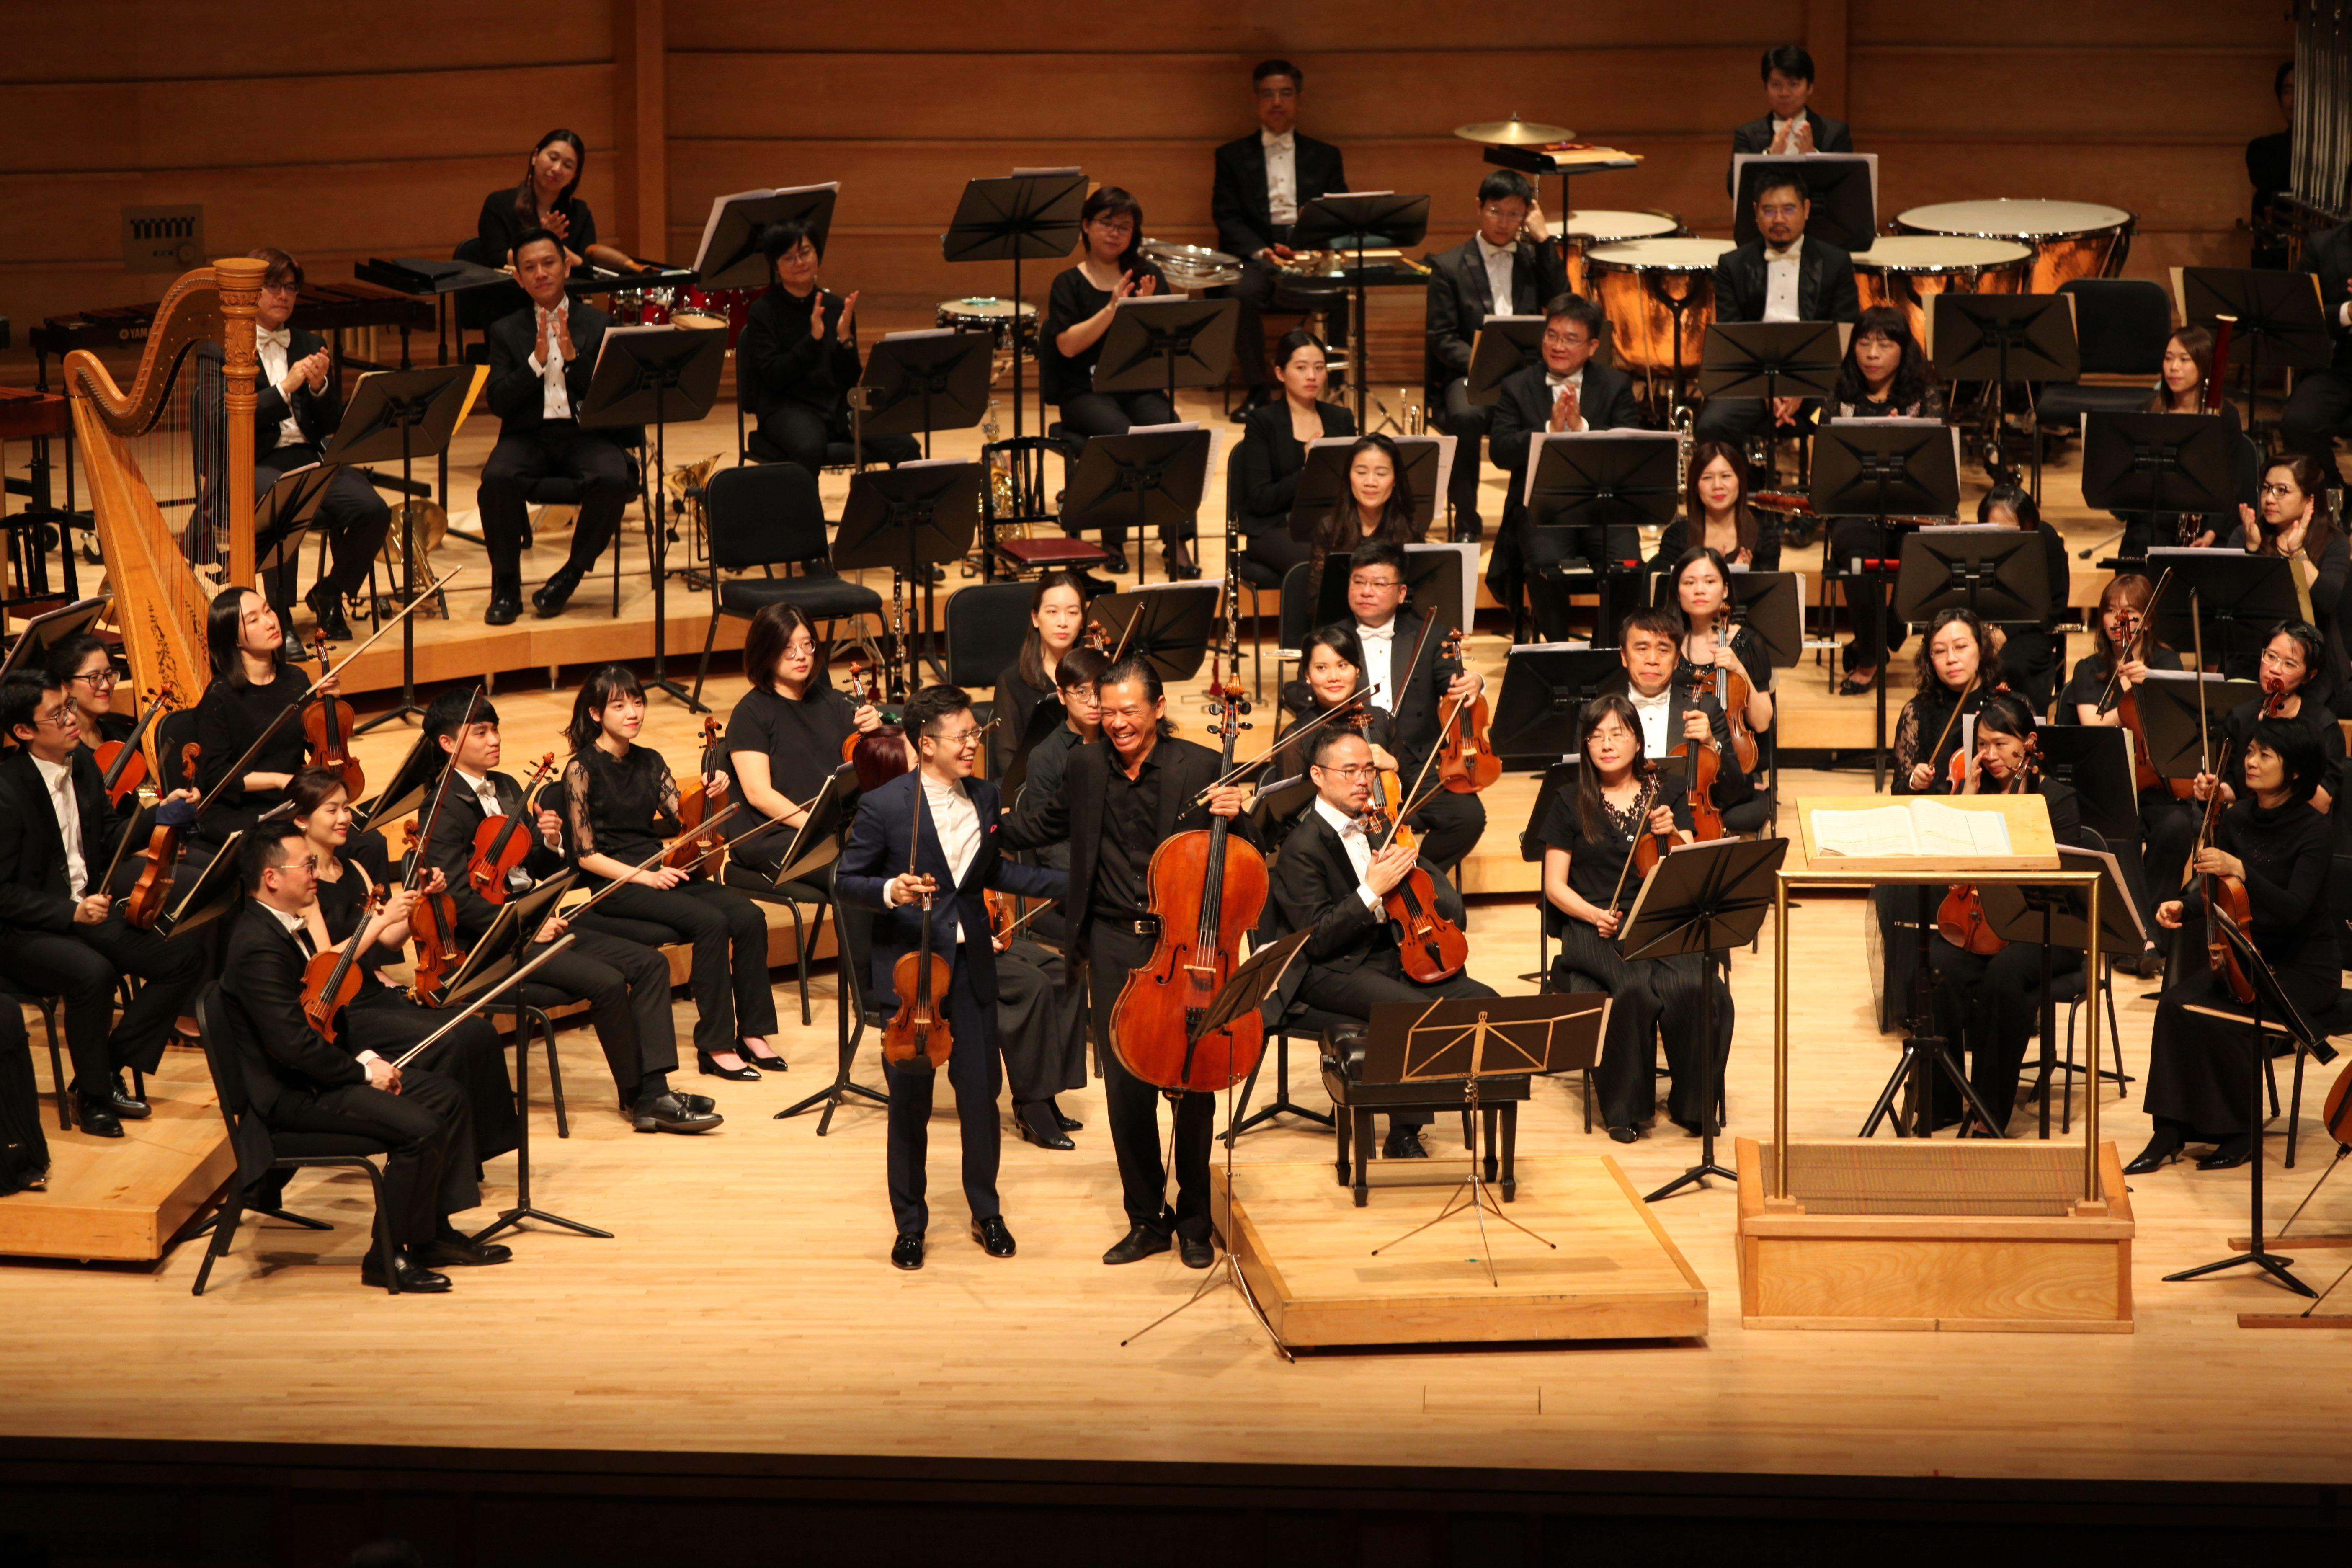 小提琴家黃俊文、大提琴家范雅志演出金希文雙重協奏曲,獲得觀眾大力讚賞